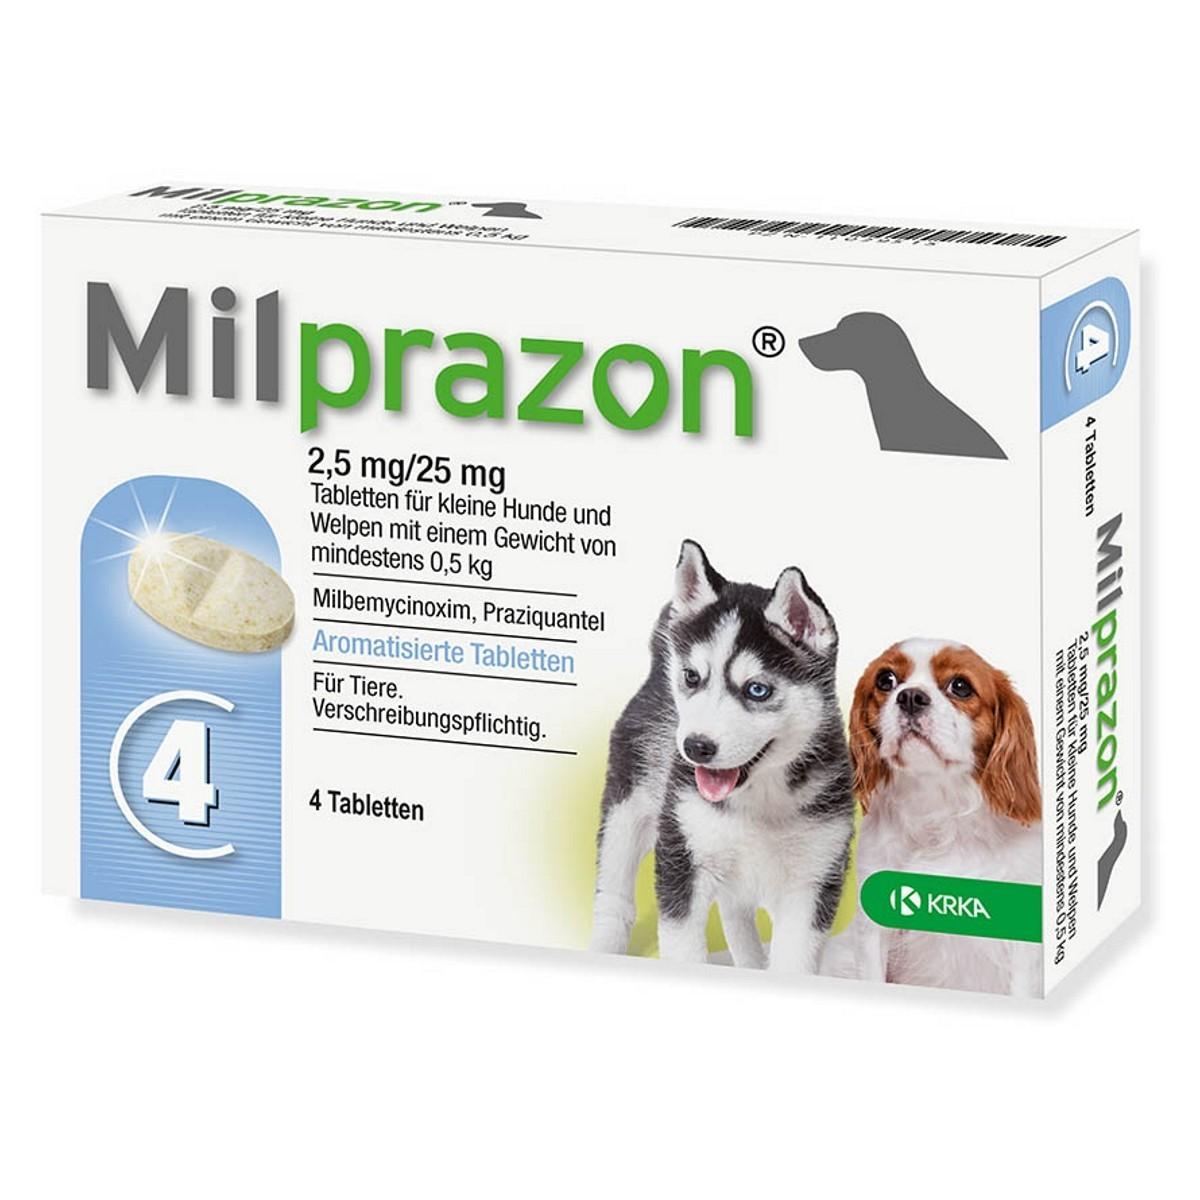 Milprazon 2,5 mg/25 mg tabletės mažiems šunims ir šuniukams 1 tab.